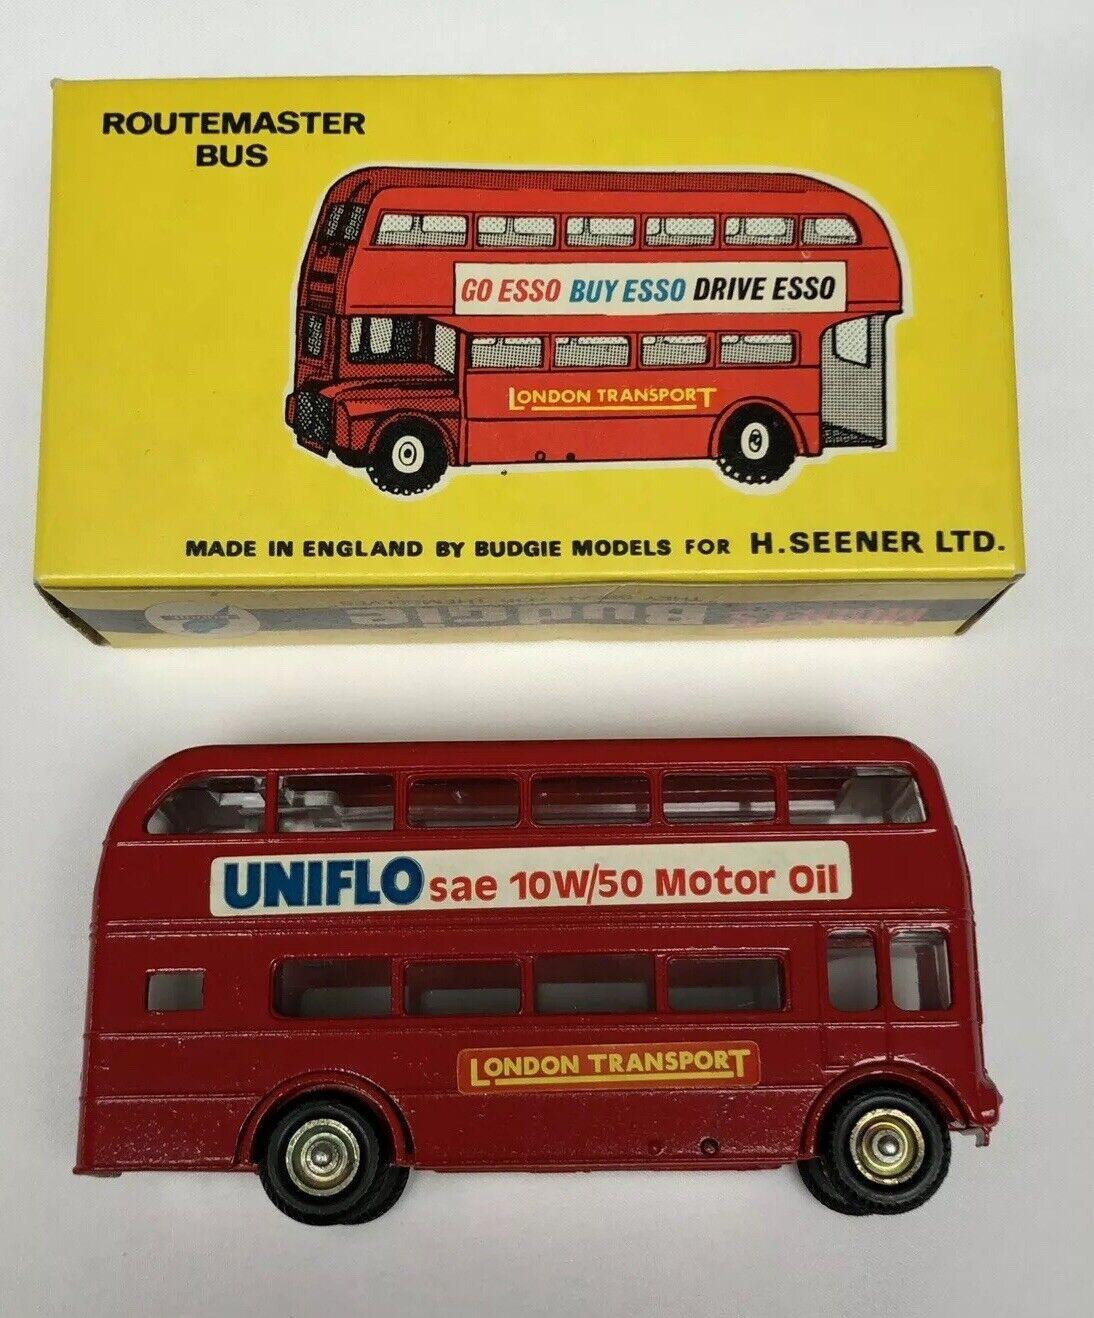 Budgie Toys 236 London Routemaster Bus-Uniflow SAE 10 50 Aceite de Motor-Nuevo Y En Caja